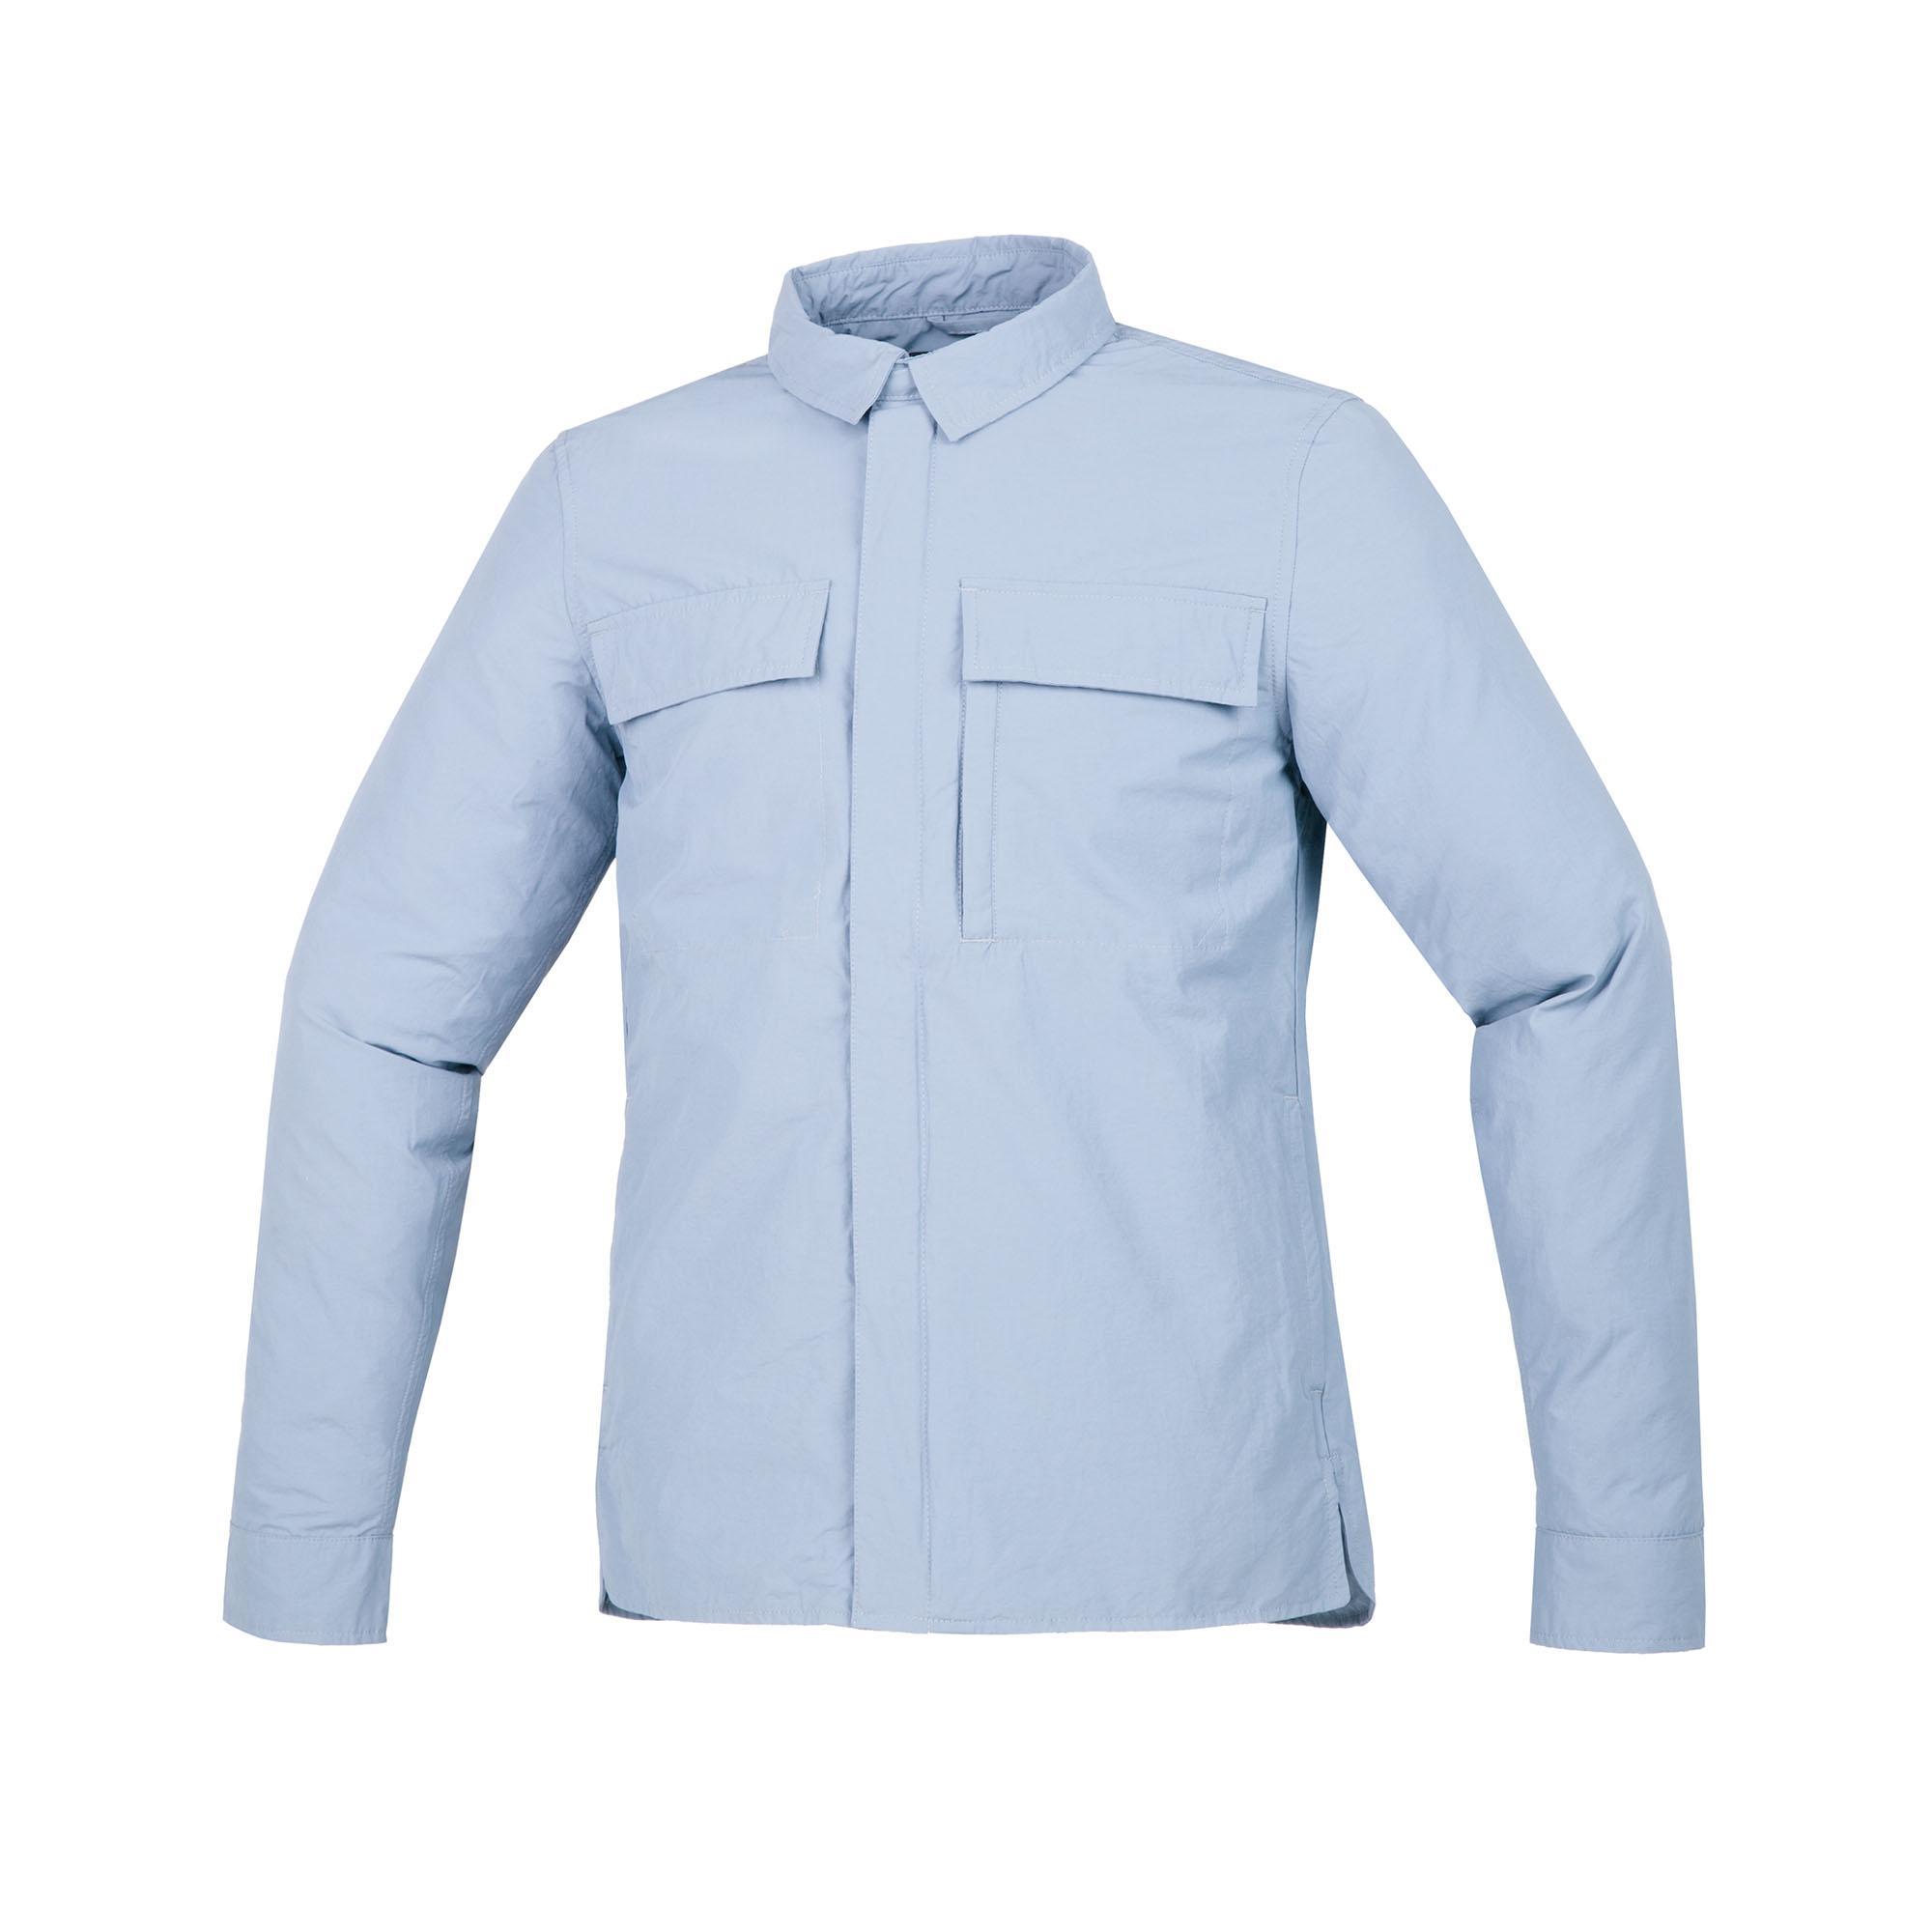 Jacket Albert Avio